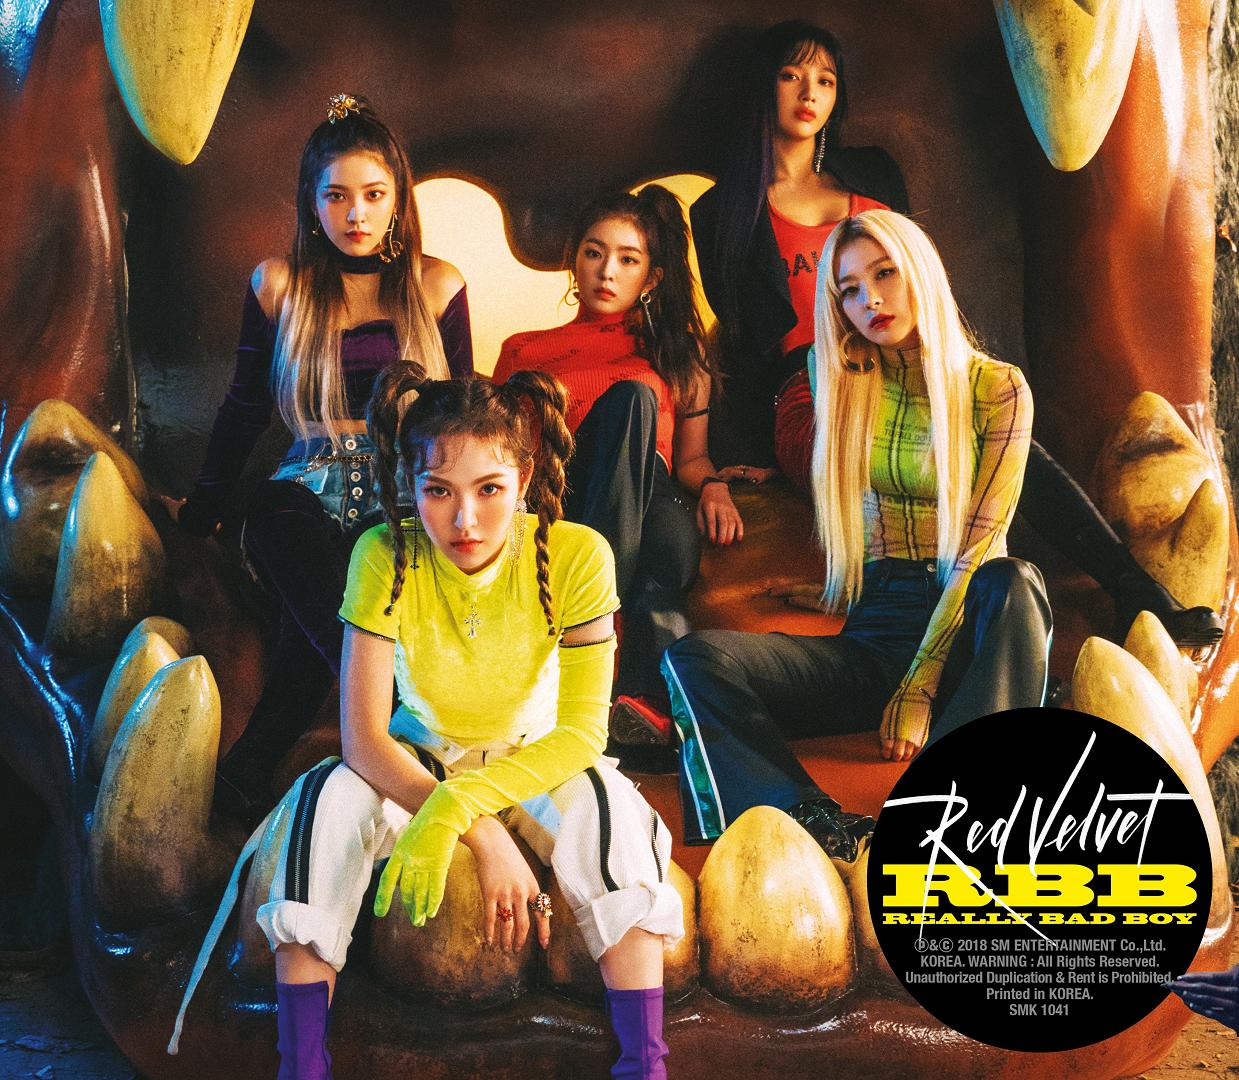 """Red Velvet Kembali Dengan """"RBB"""" !"""